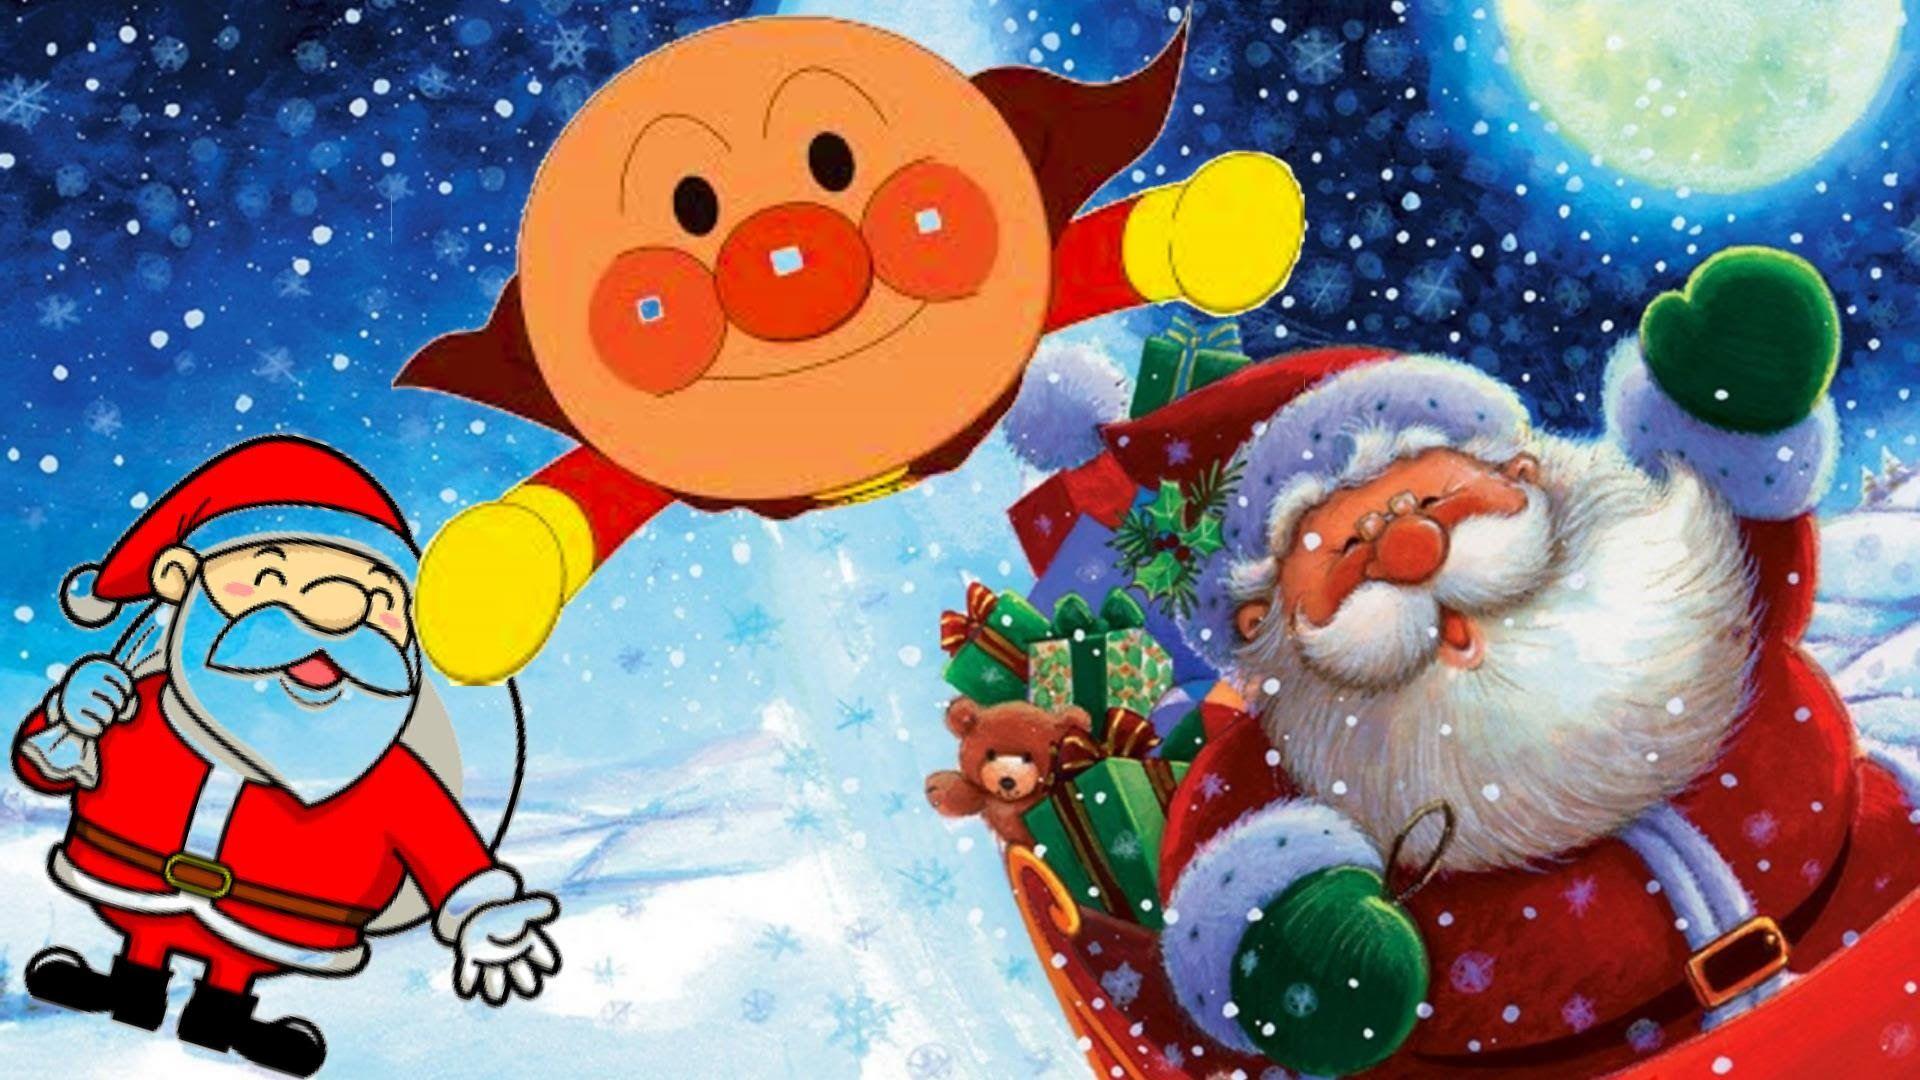 アンパンマンとピングー達でクリスマスあわてんぼうのサンタクロース